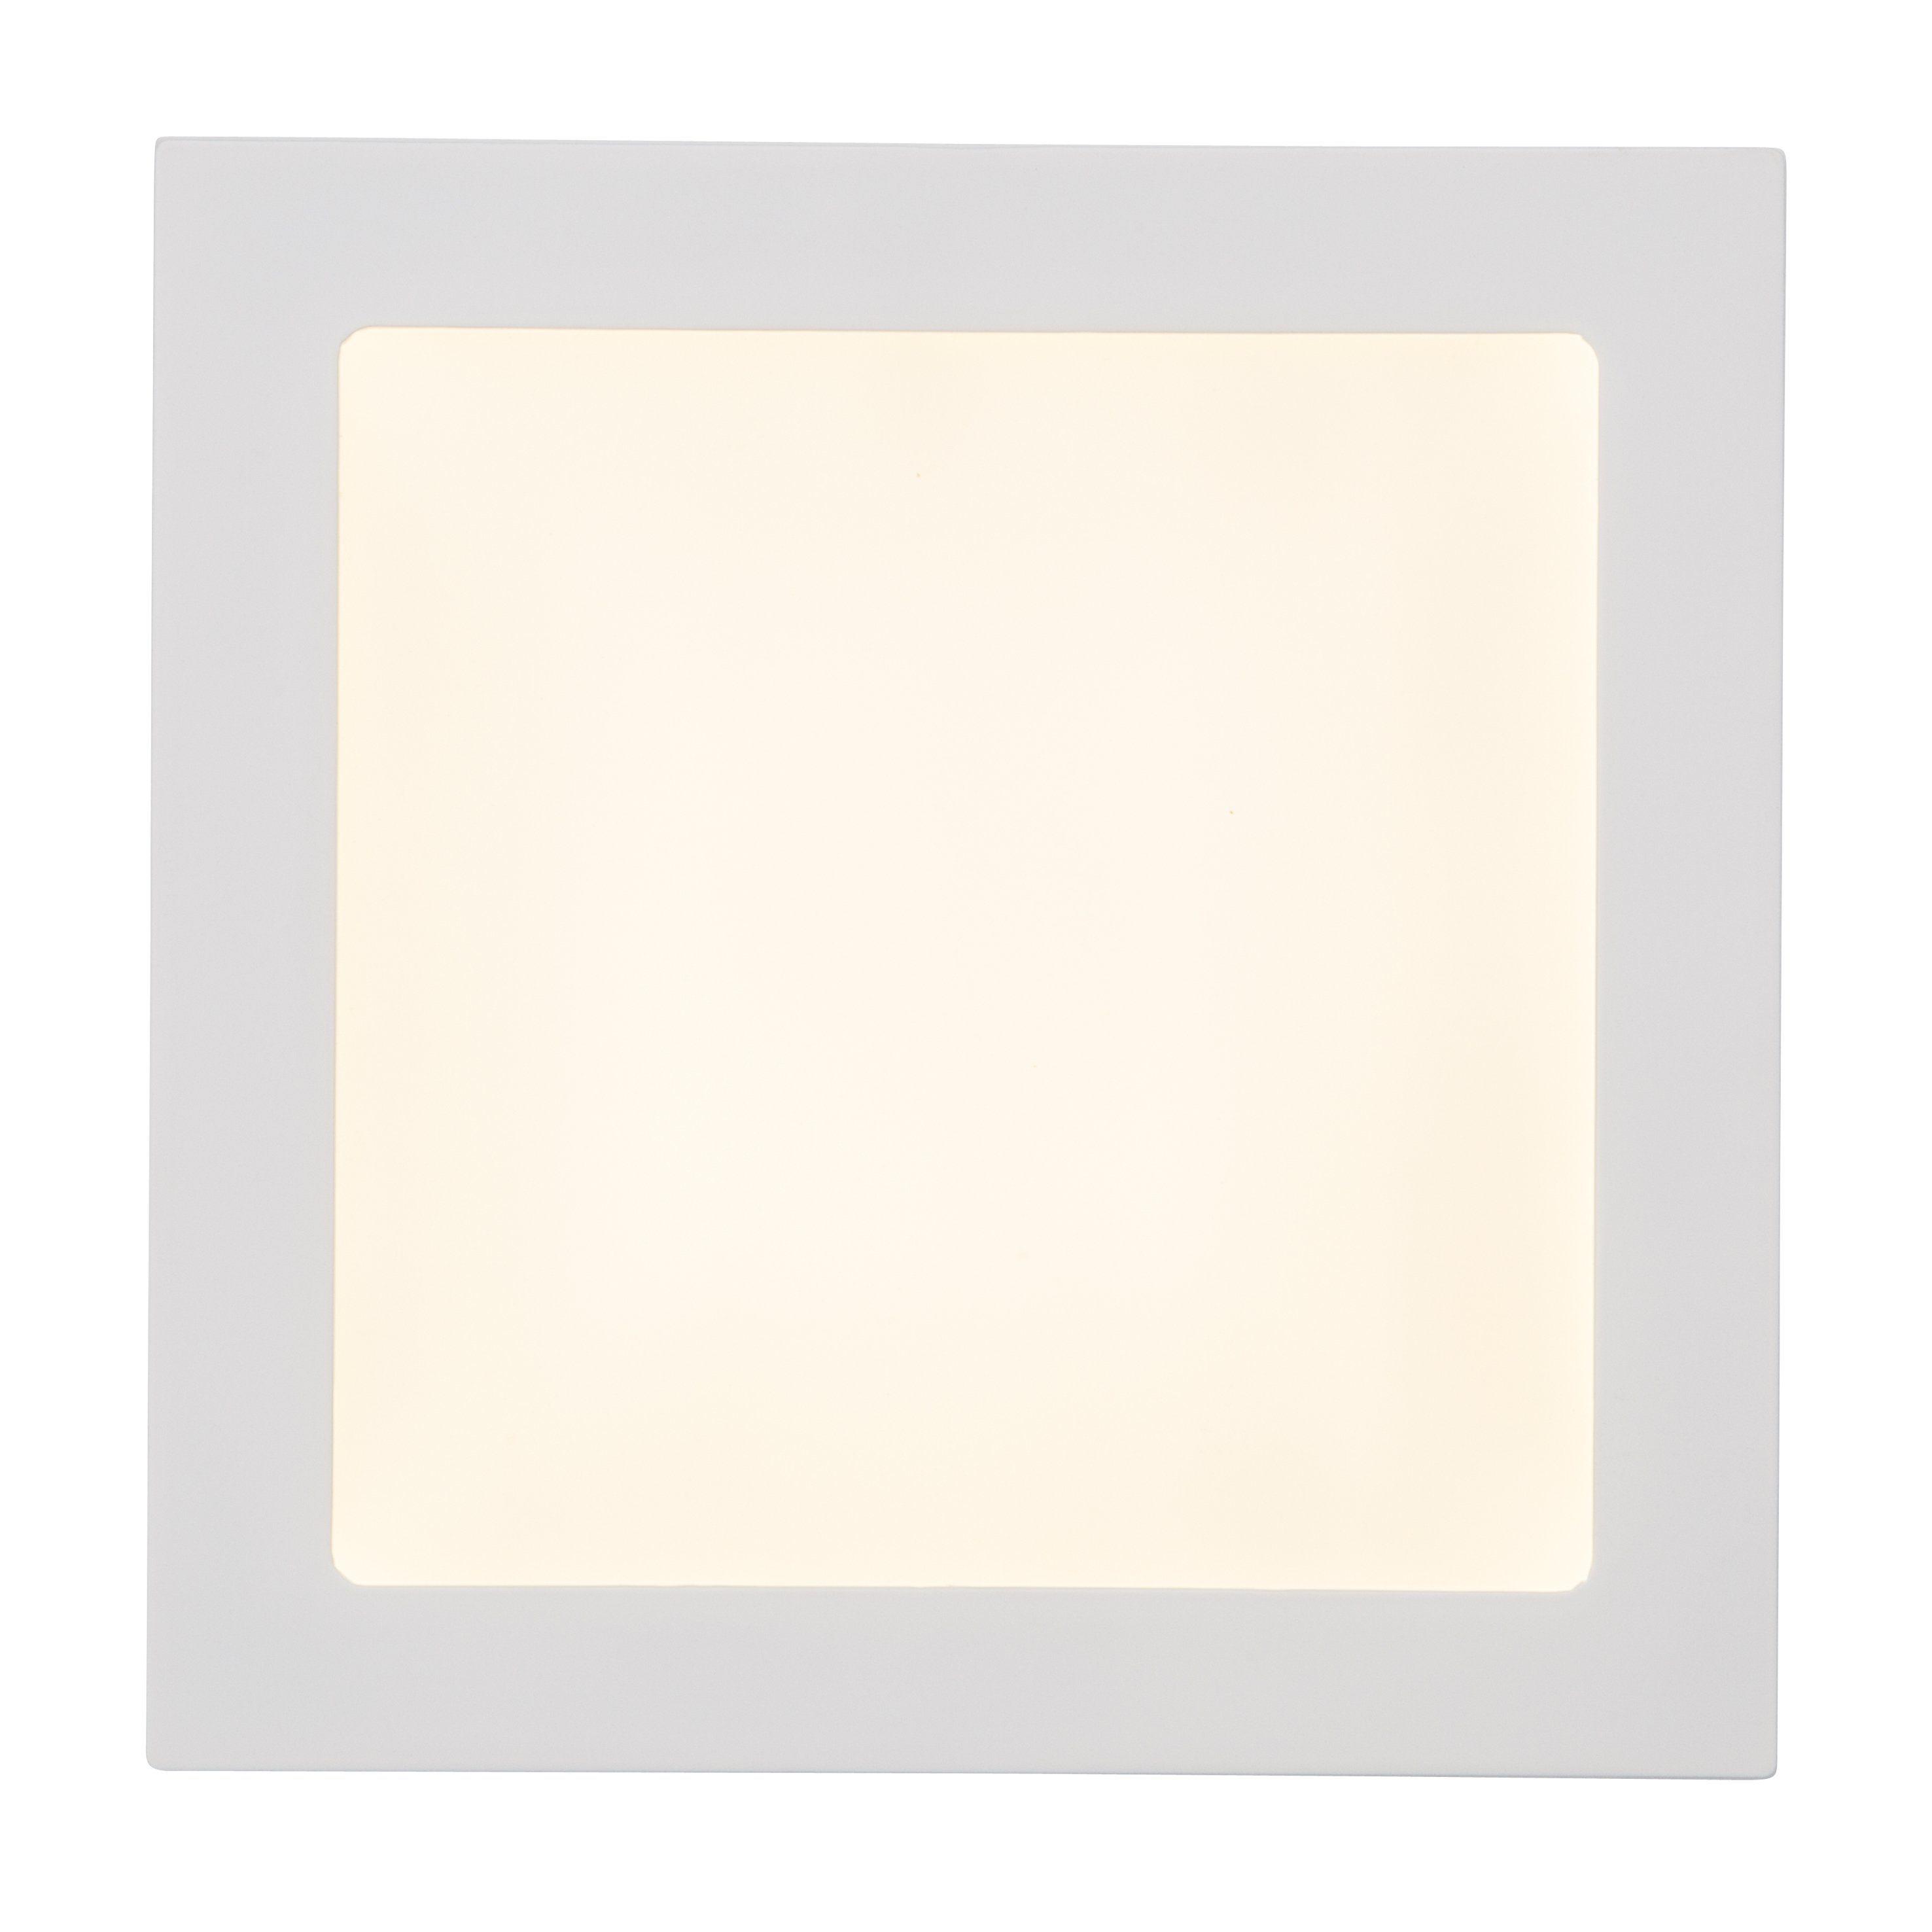 Brilliant Leuchten Kolja LED Einbauleuchte 18W weiß